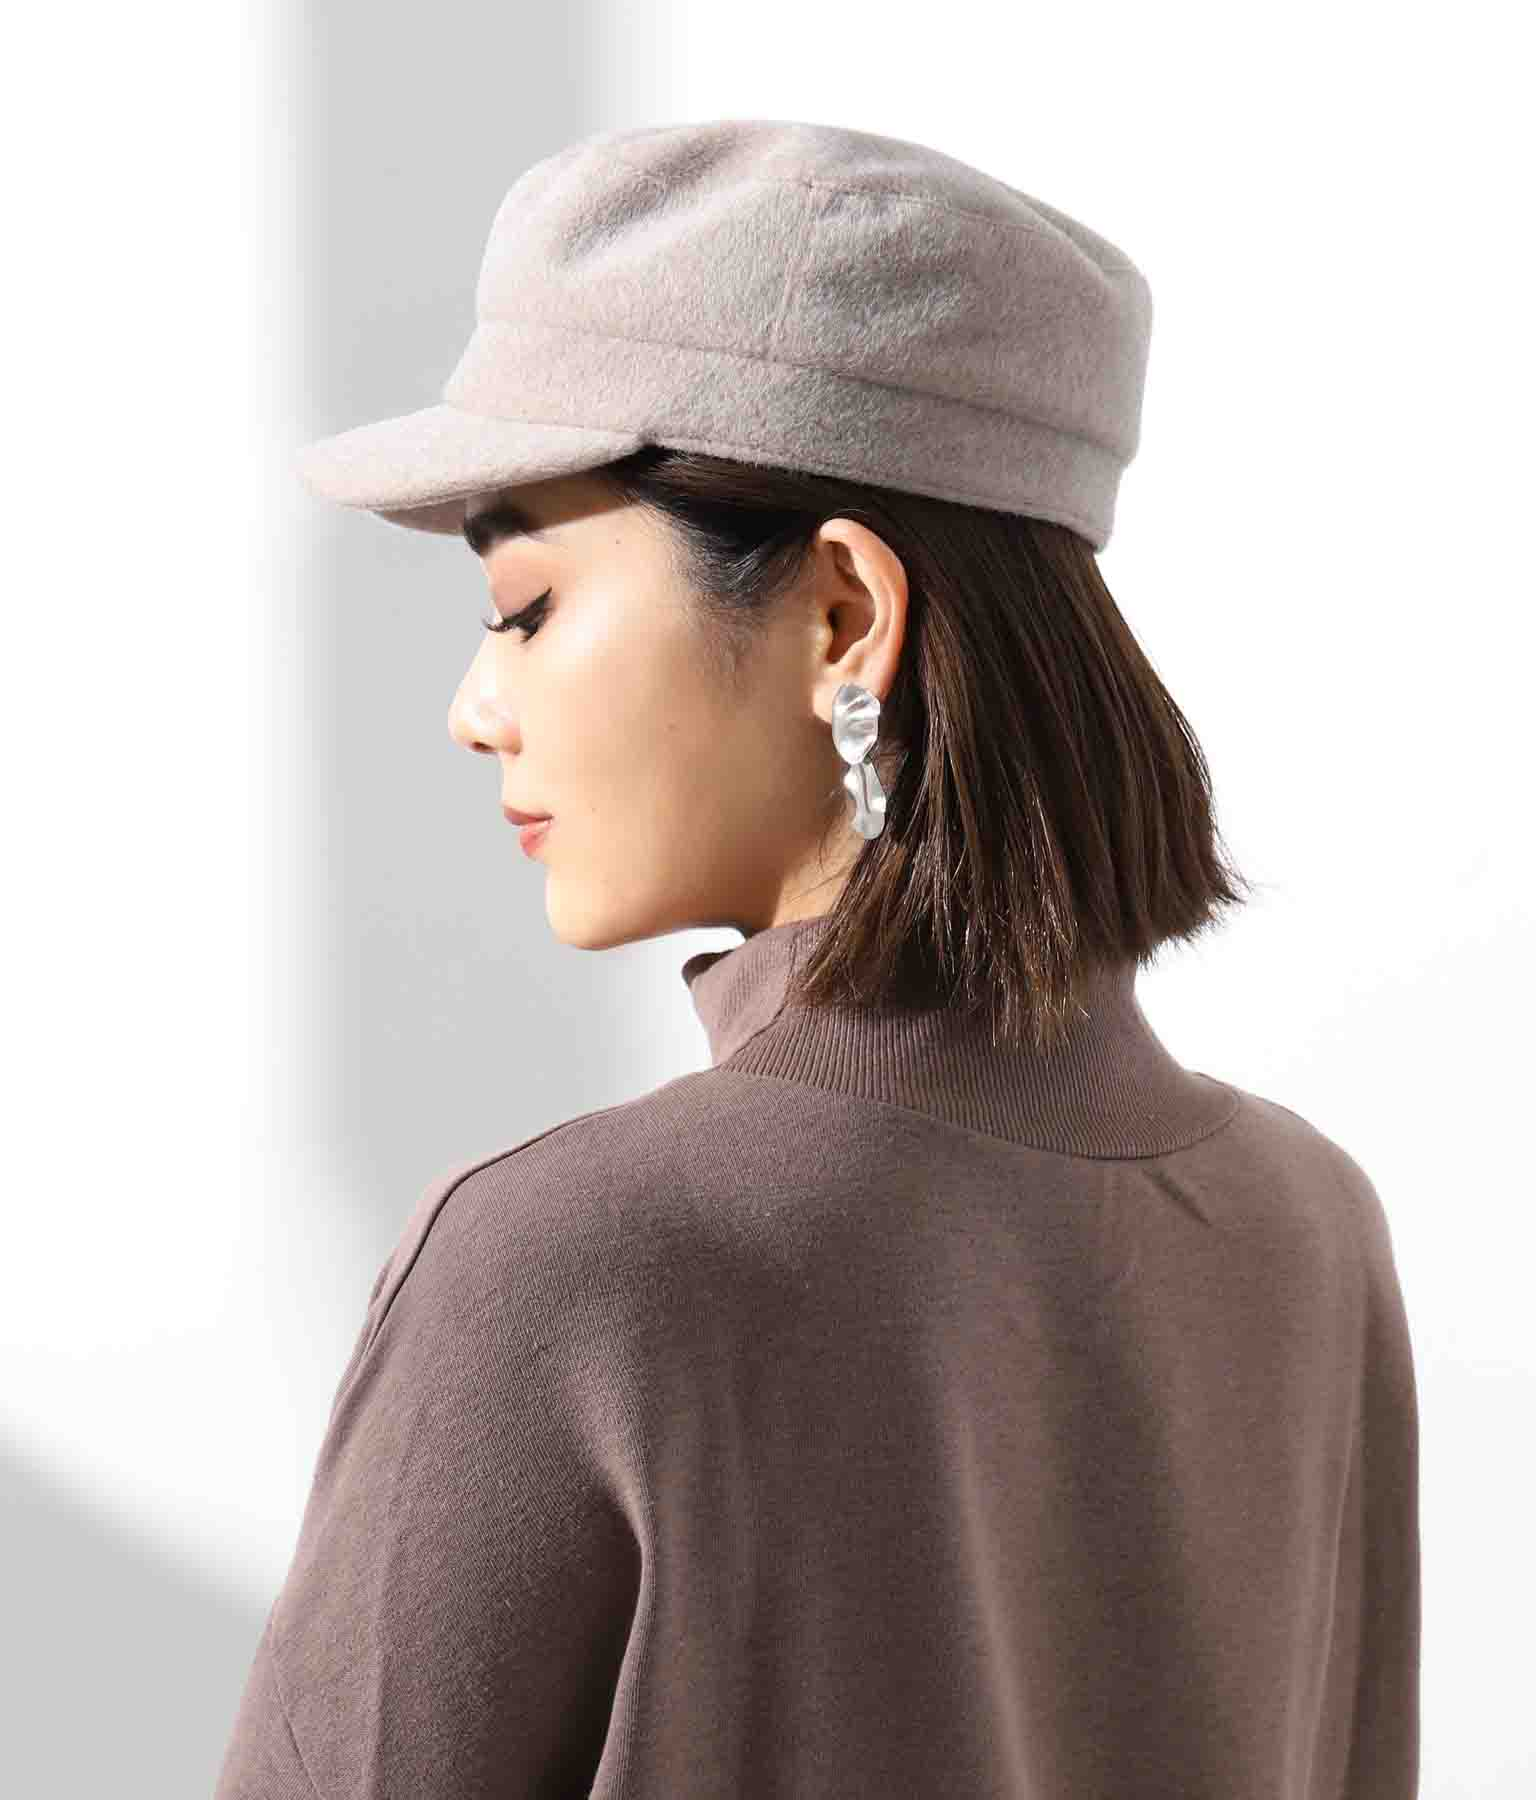 シャギーシンプルキャスケット(ファッション雑貨/ハット・キャップ・ニット帽 ・キャスケット・ベレー帽) | Settimissimo